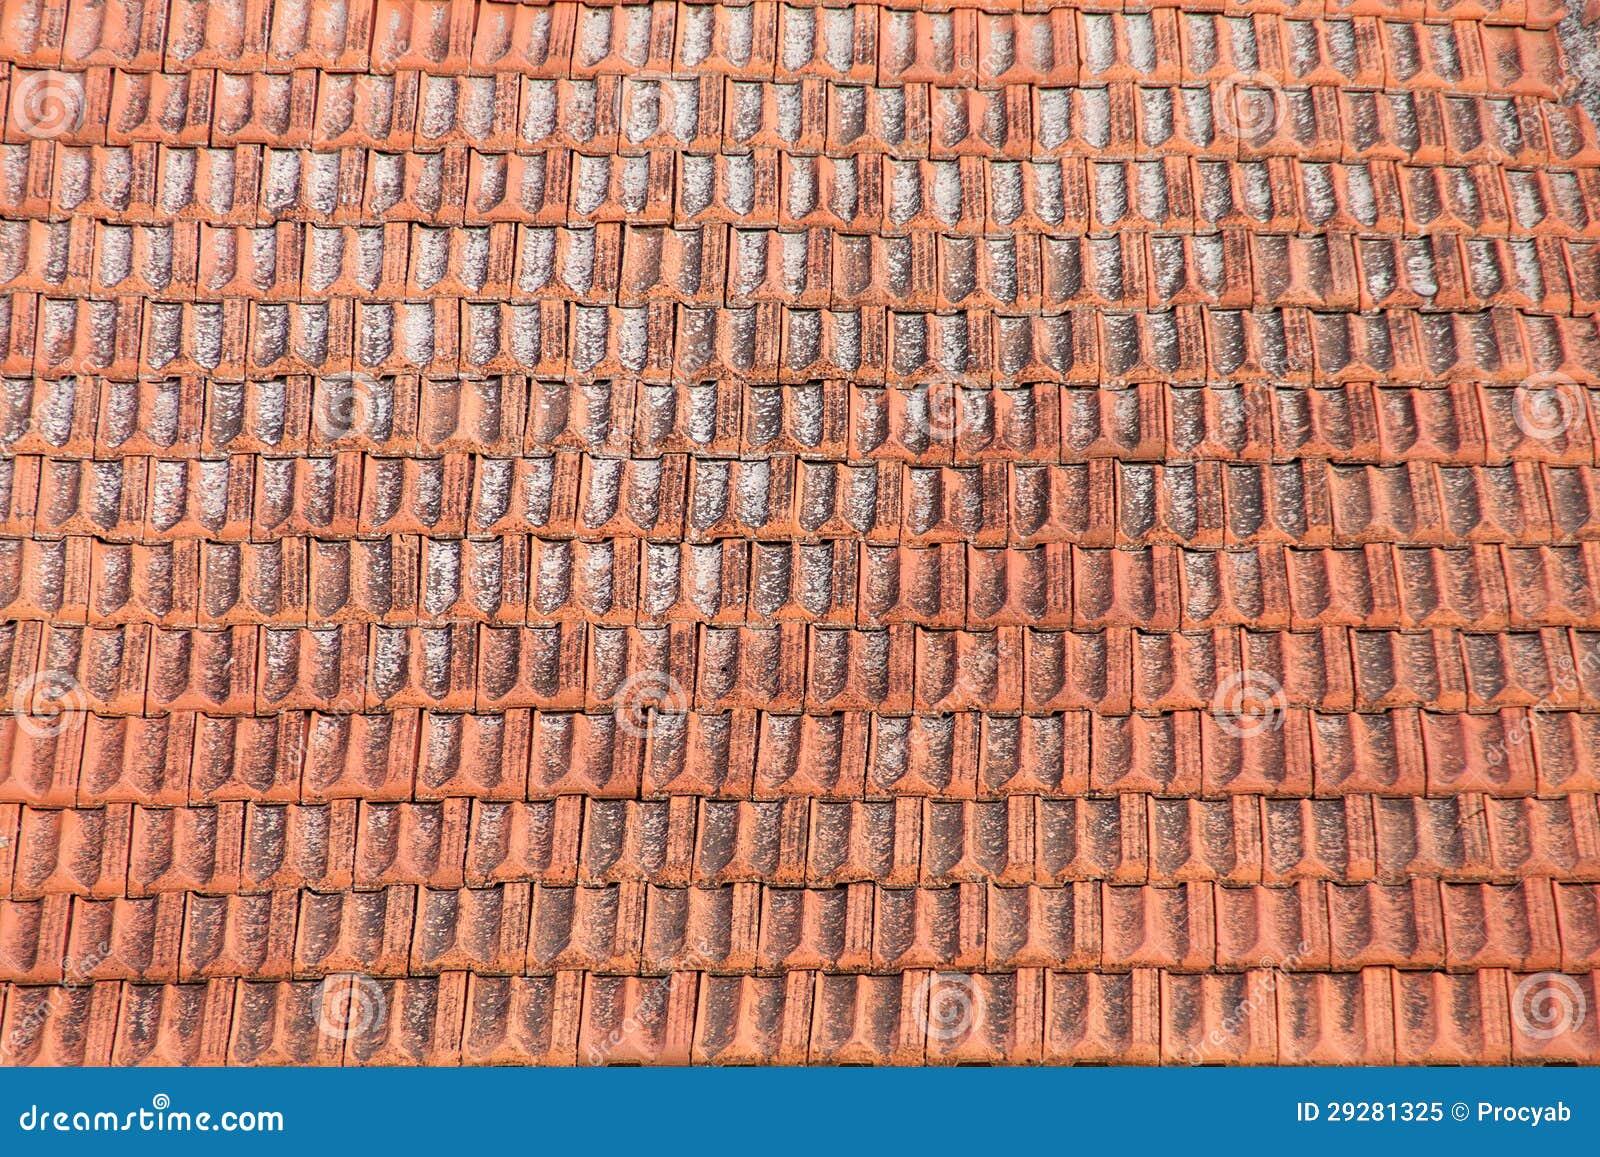 картина крыши: